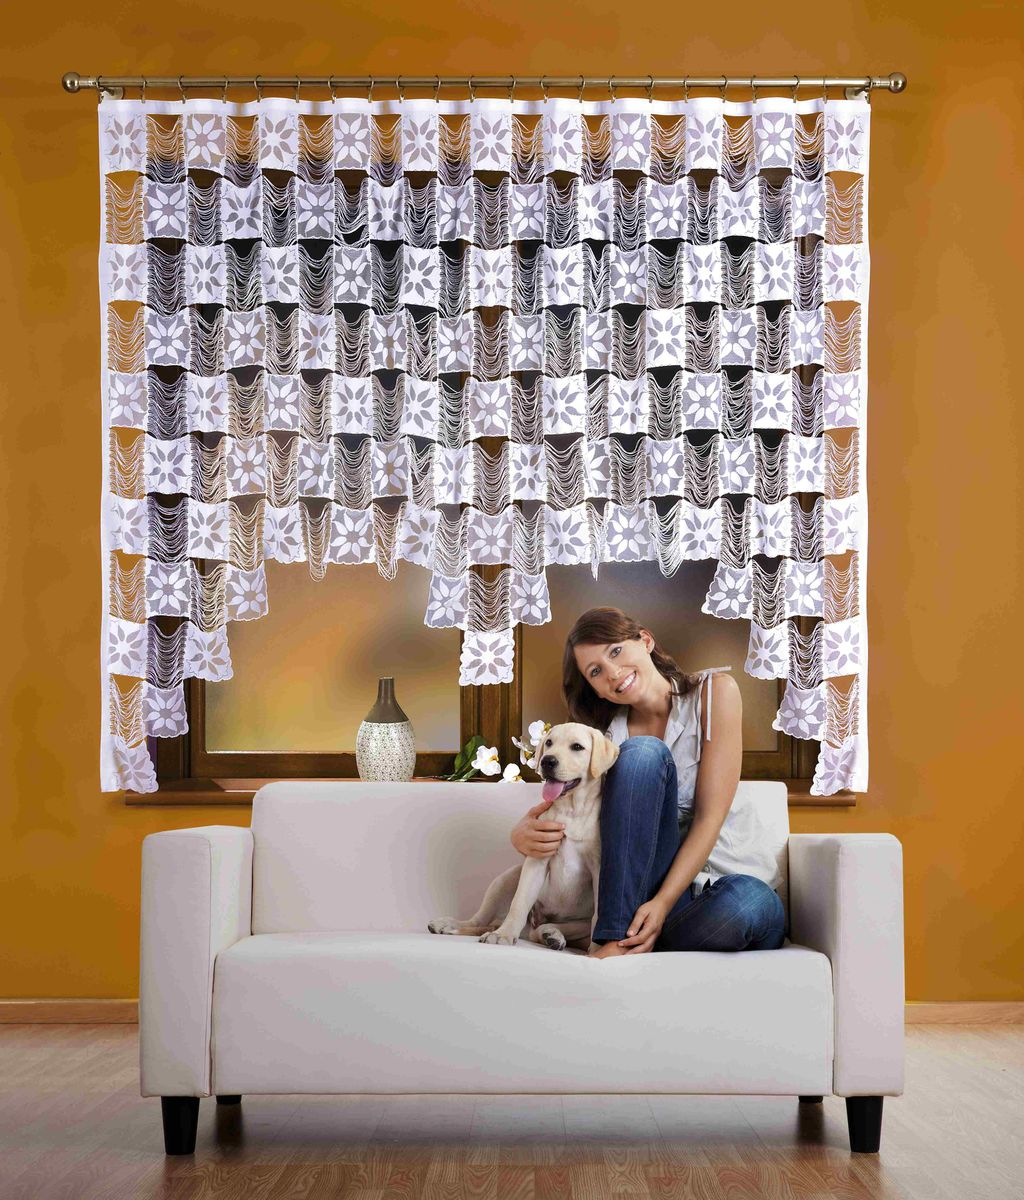 Гардина Wisan Stasia, на ленте, цвет: белый, высота 170 см510АВоздушная гардина Wisan Stasia, изготовленная из полиэстера, станет великолепным украшением любого окна. Изделие выполнено из бахромы с квадратными вставками. Оригинальное оформление гардины внесет разнообразие и подарит заряд положительного настроения.Гардина оснащена шторной лентой для крепления на карниз.